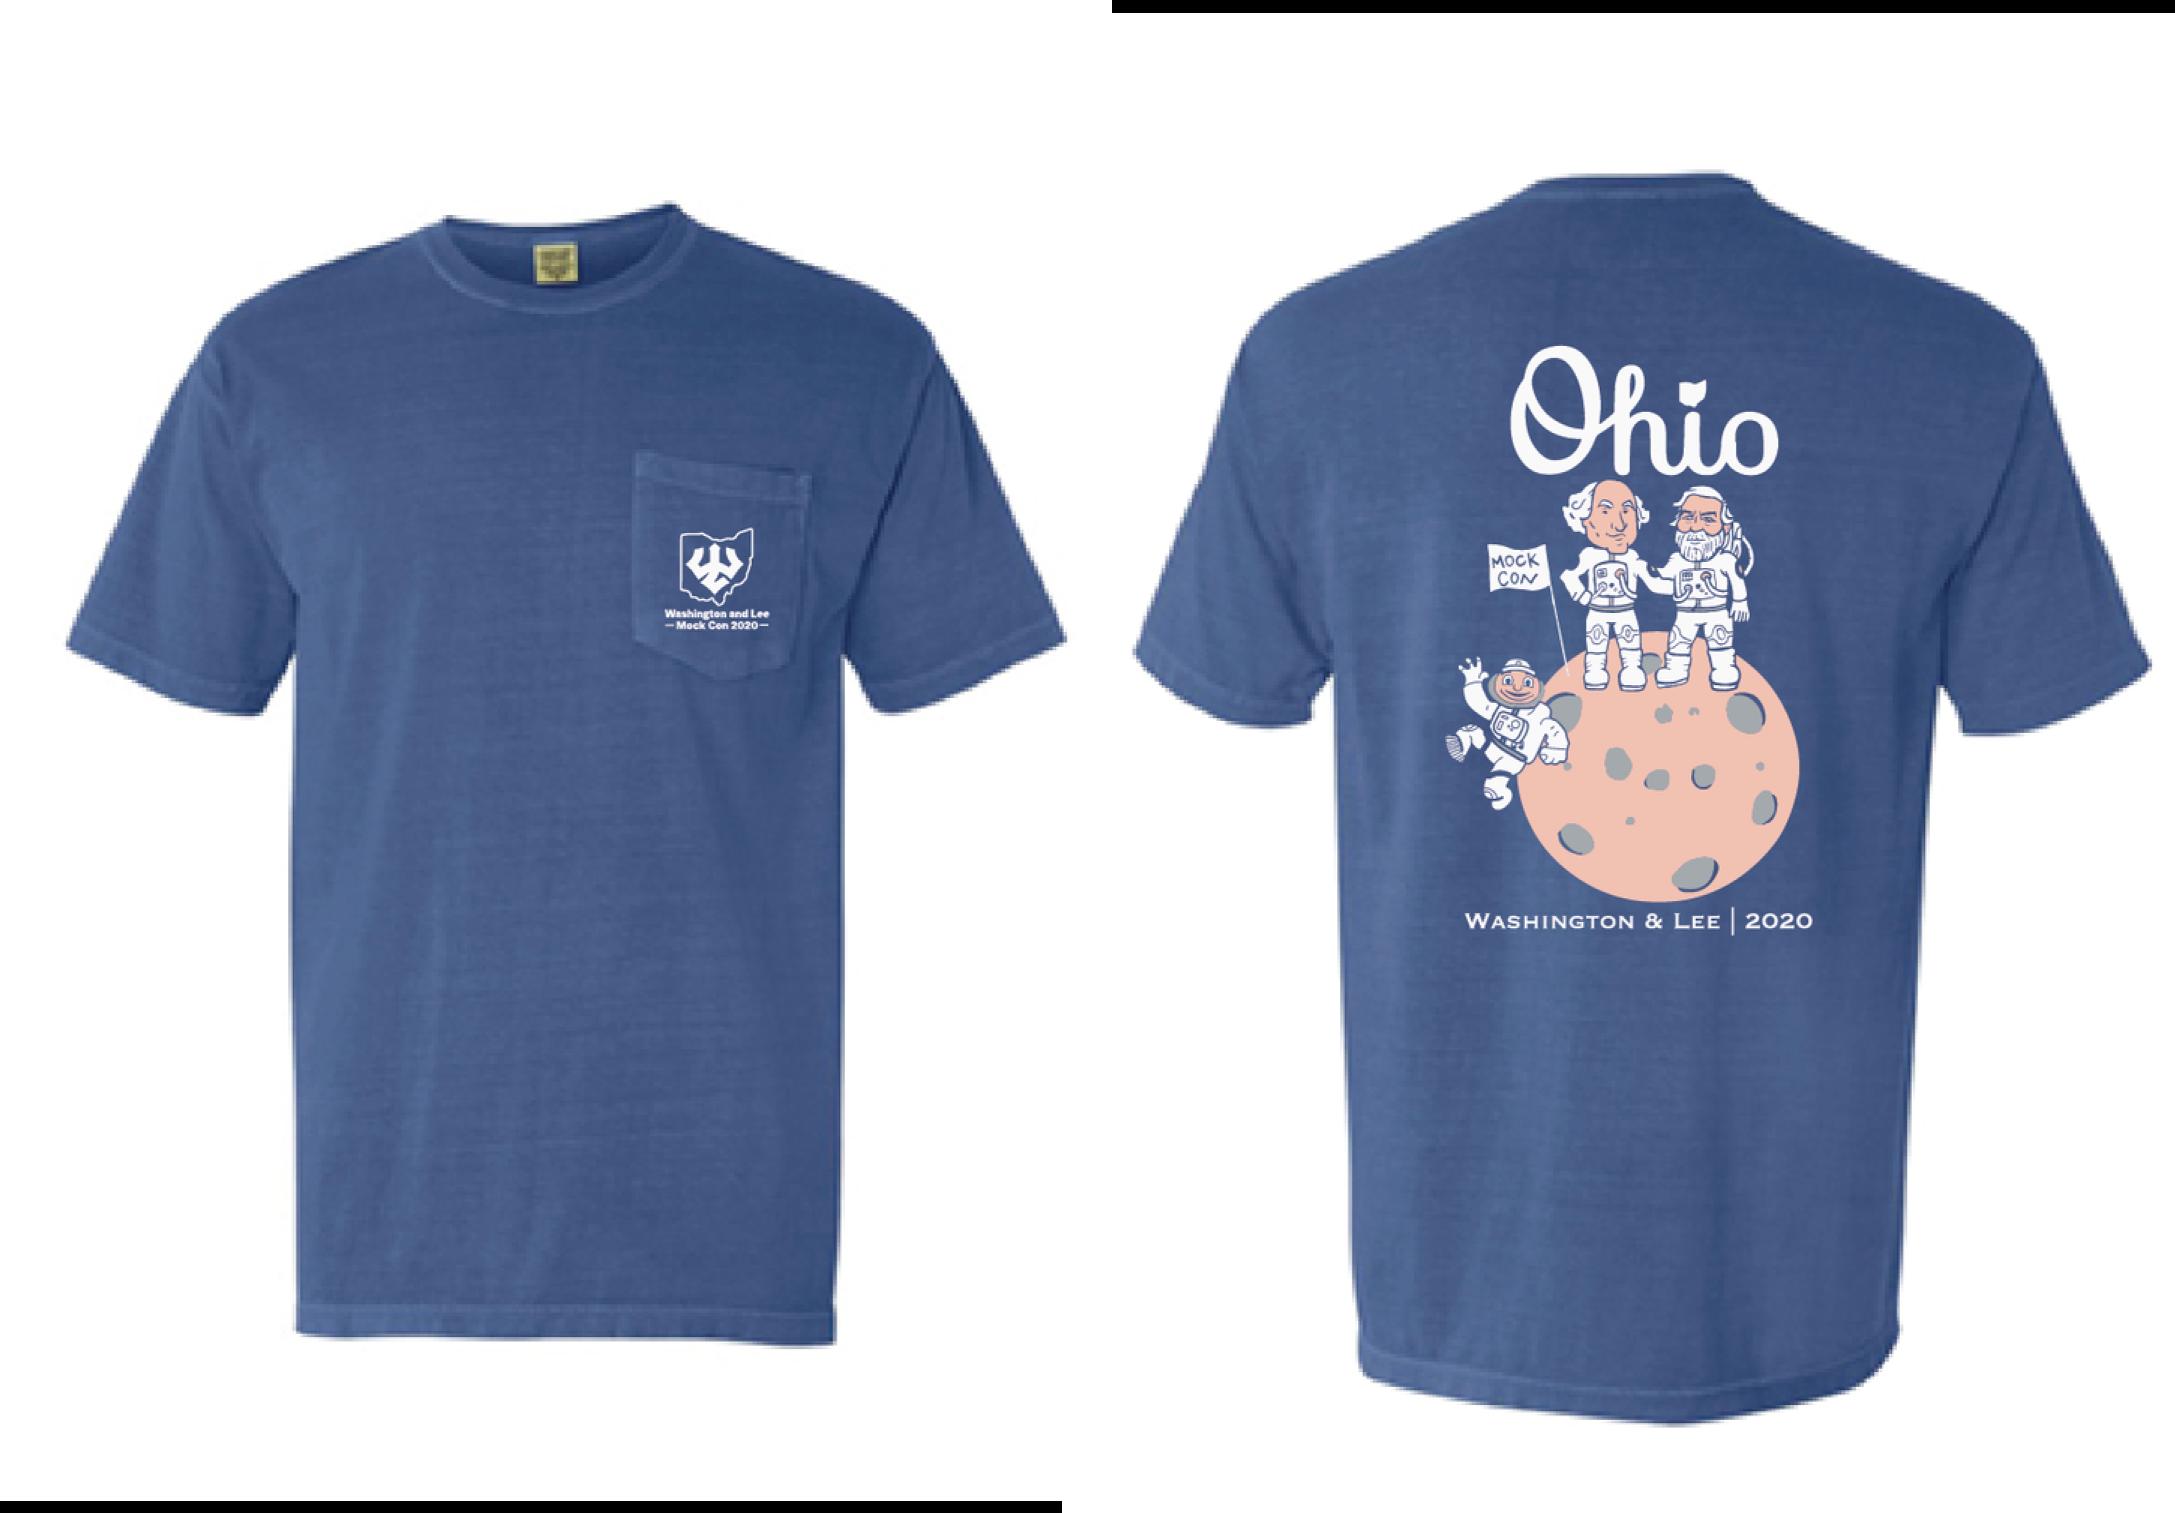 Ohio State Tee